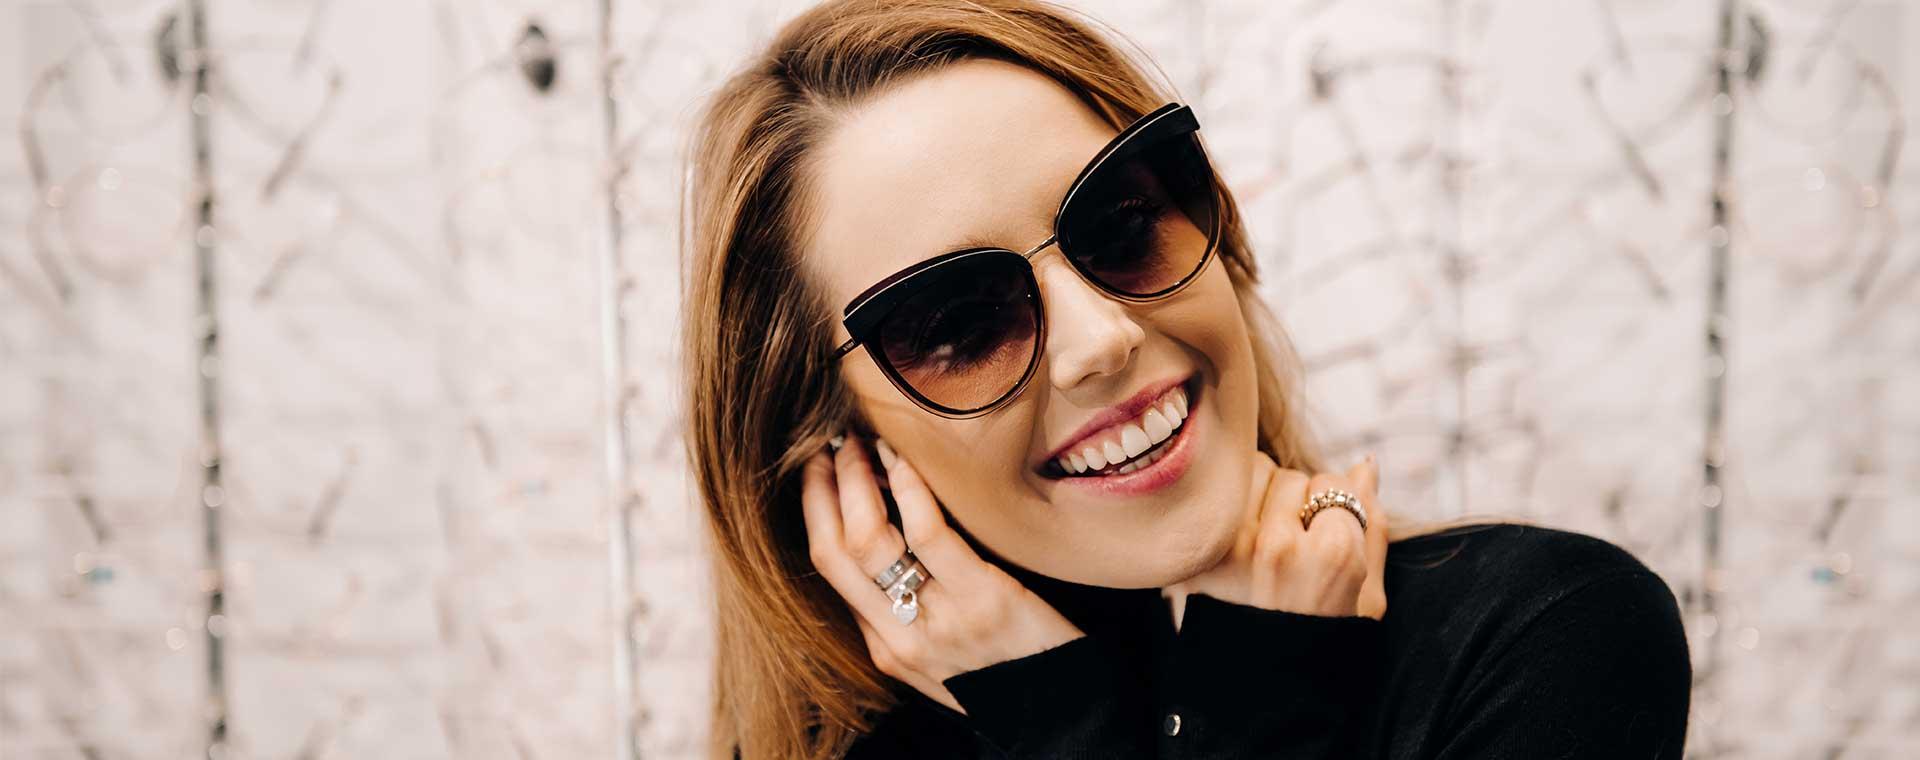 Okulary<br>przeciwsłoneczne